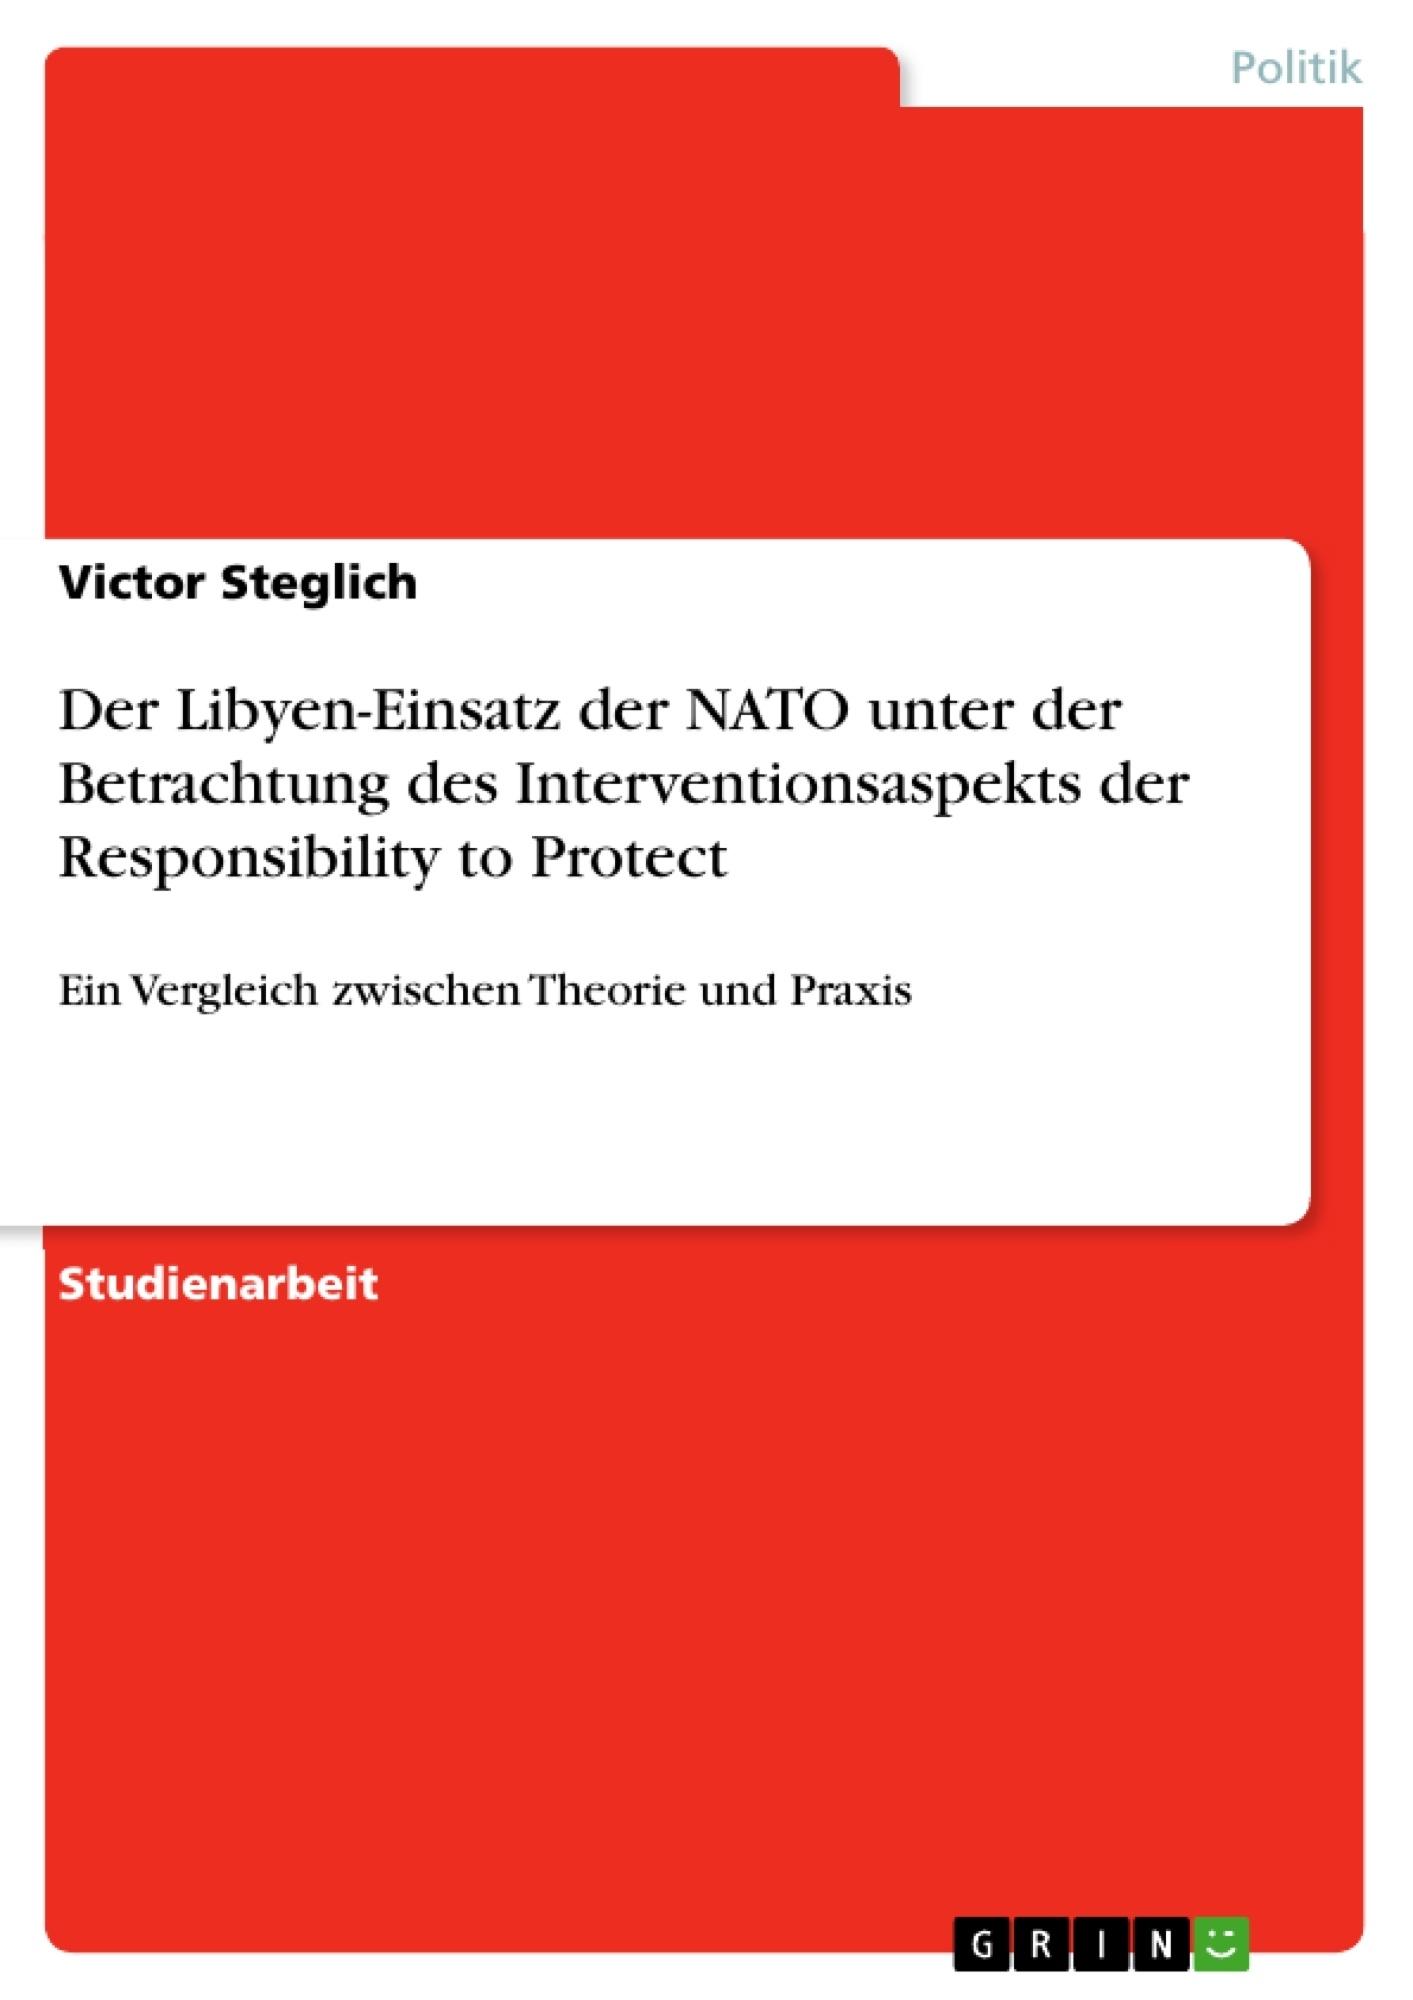 Titel: Der Libyen-Einsatz der NATO unter der Betrachtung des Interventionsaspekts der Responsibility to Protect